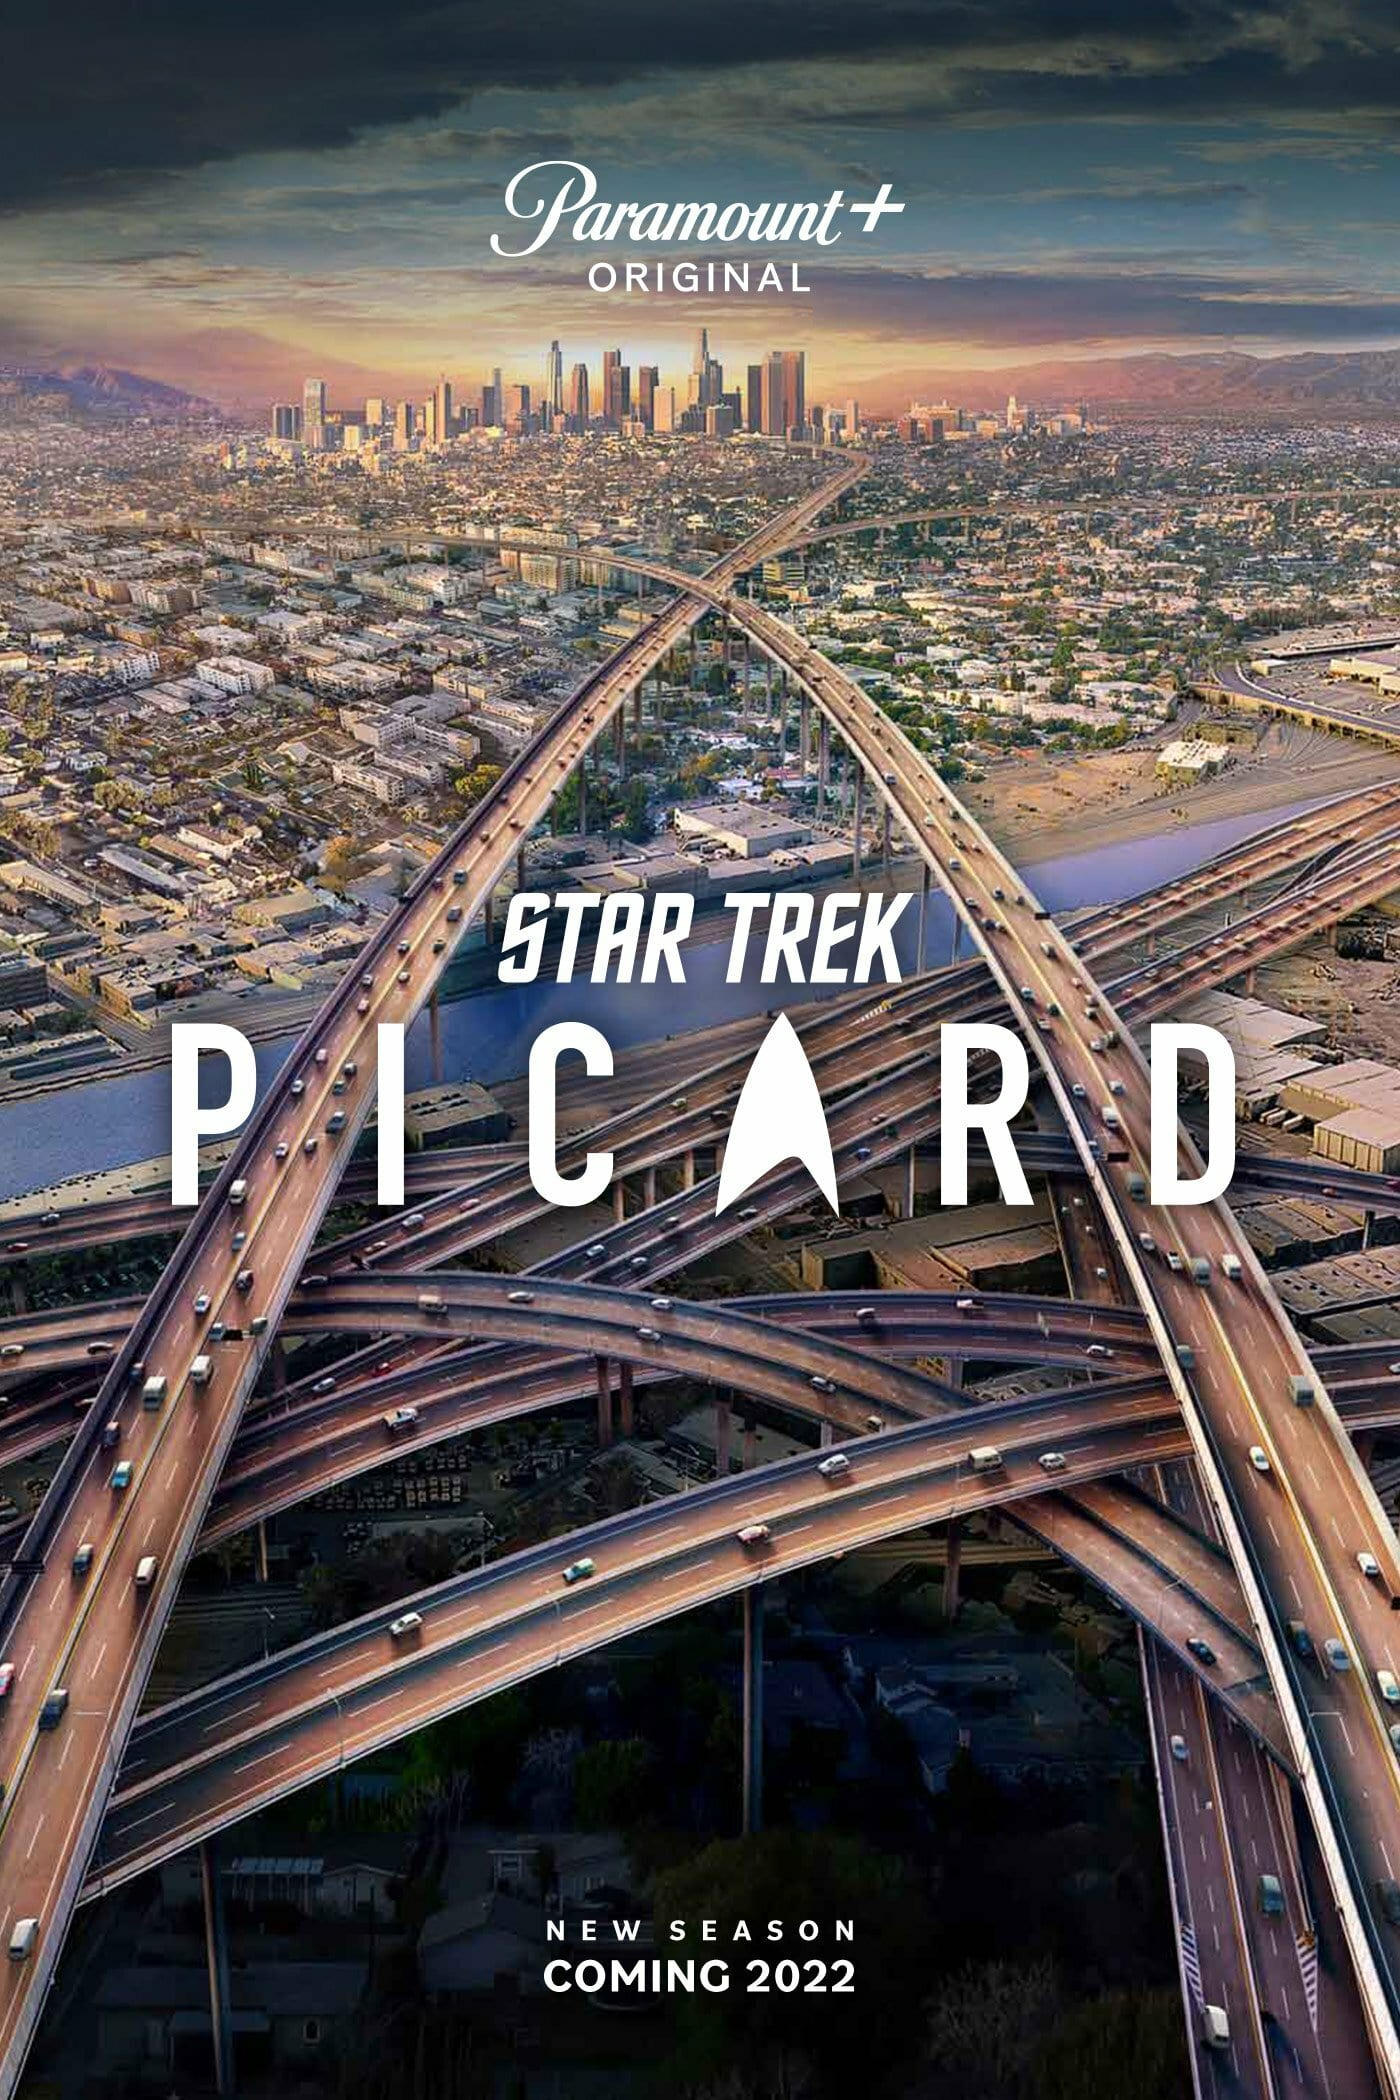 Star Trek: Picard teaser image